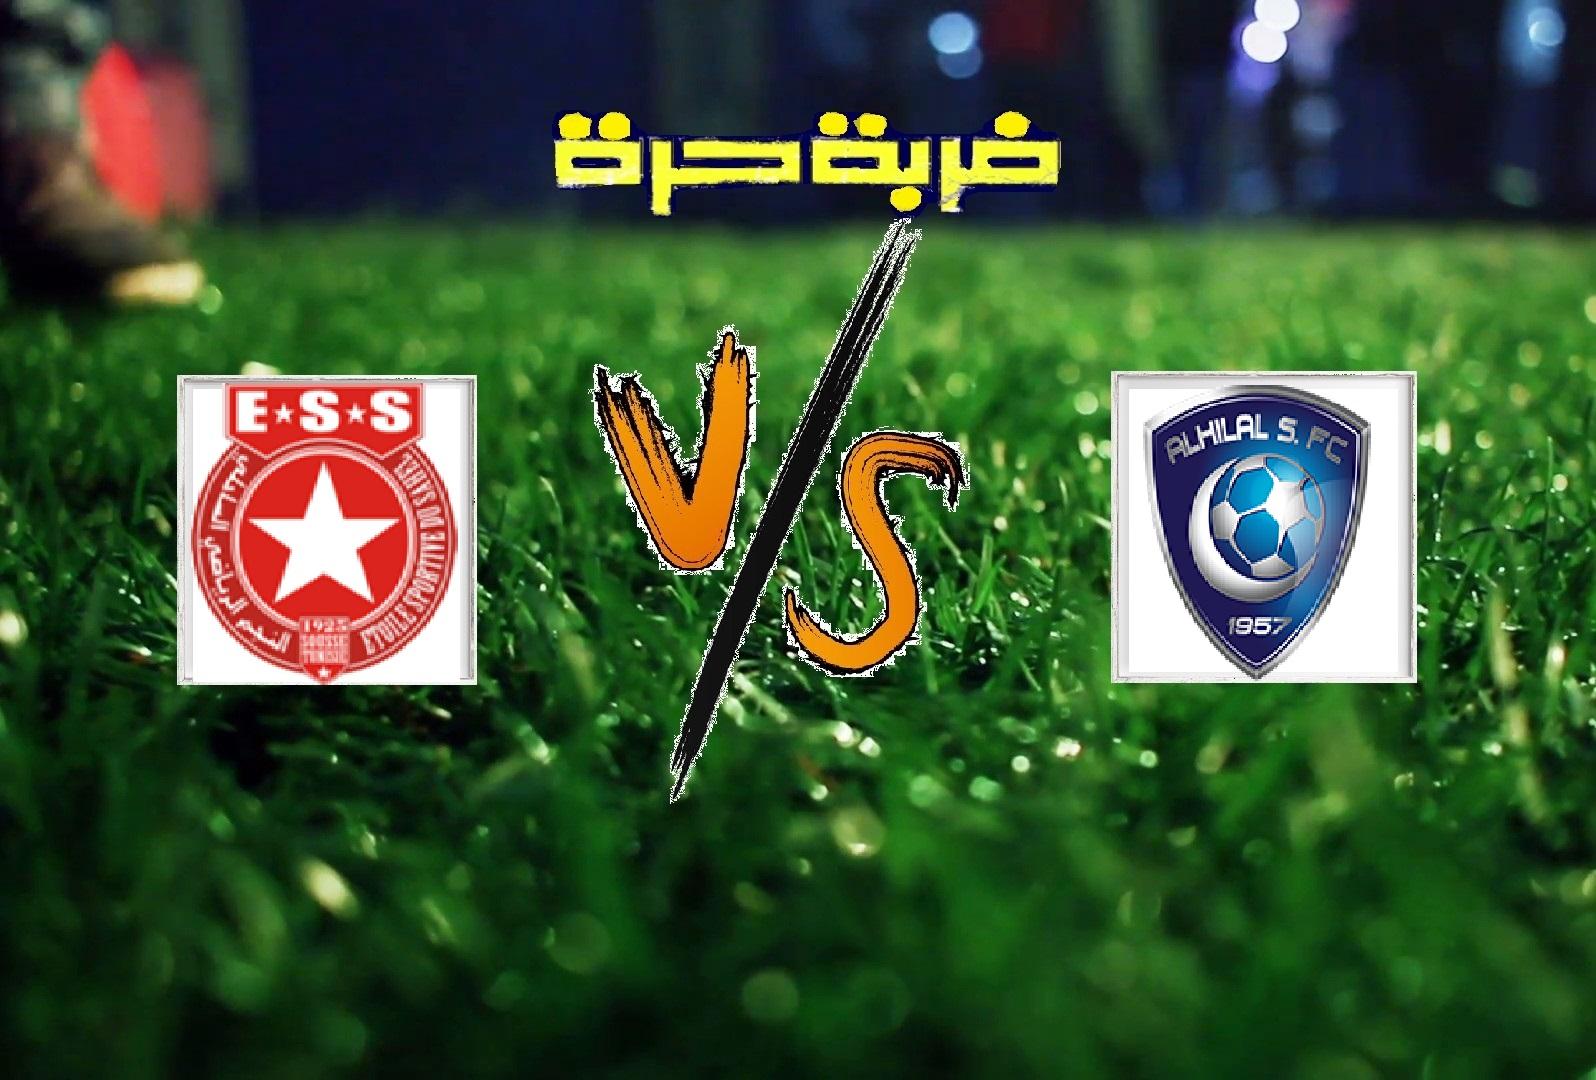 نتيجة مباراة الهلال والنجم الساحلي اليوم الخميس بتاريخ 18-04-2019 كأس زايد للأندية الأبطال